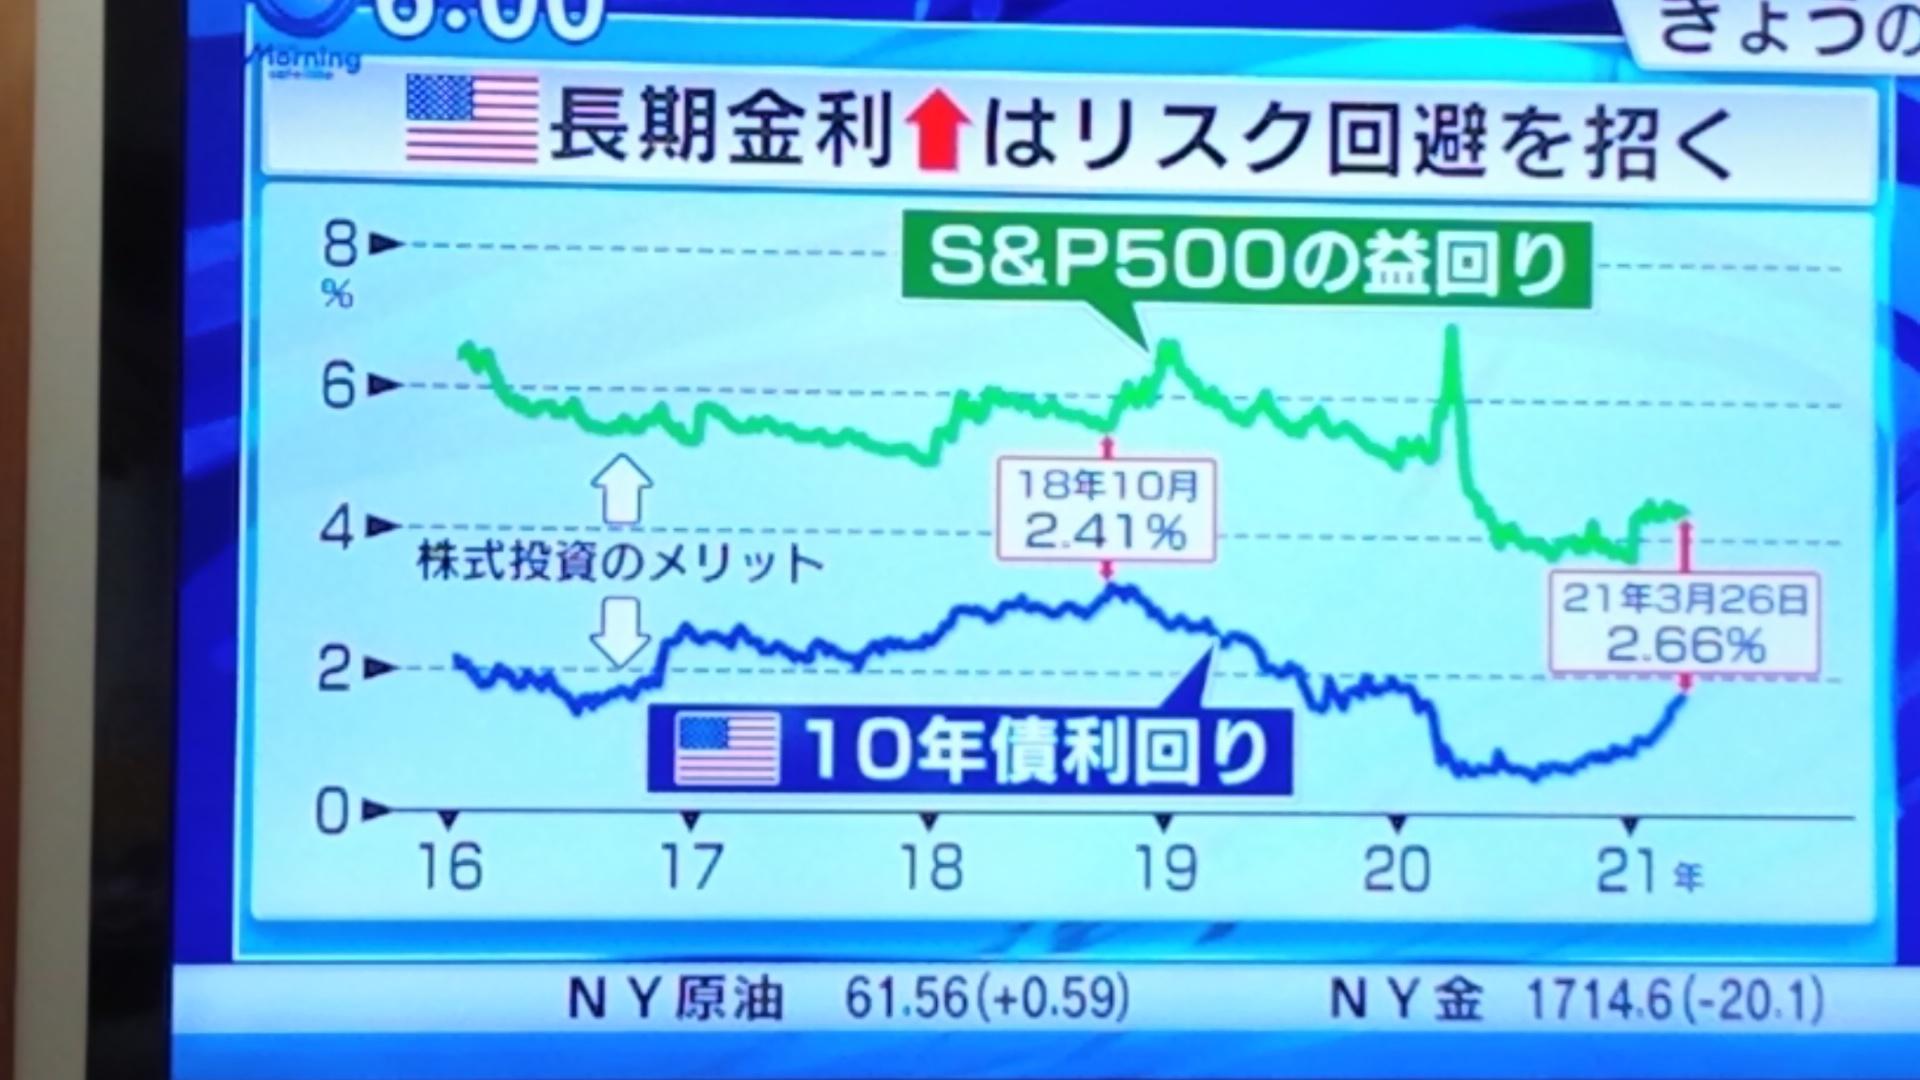 長期金利上昇の影響は_d0262085_09453684.jpg